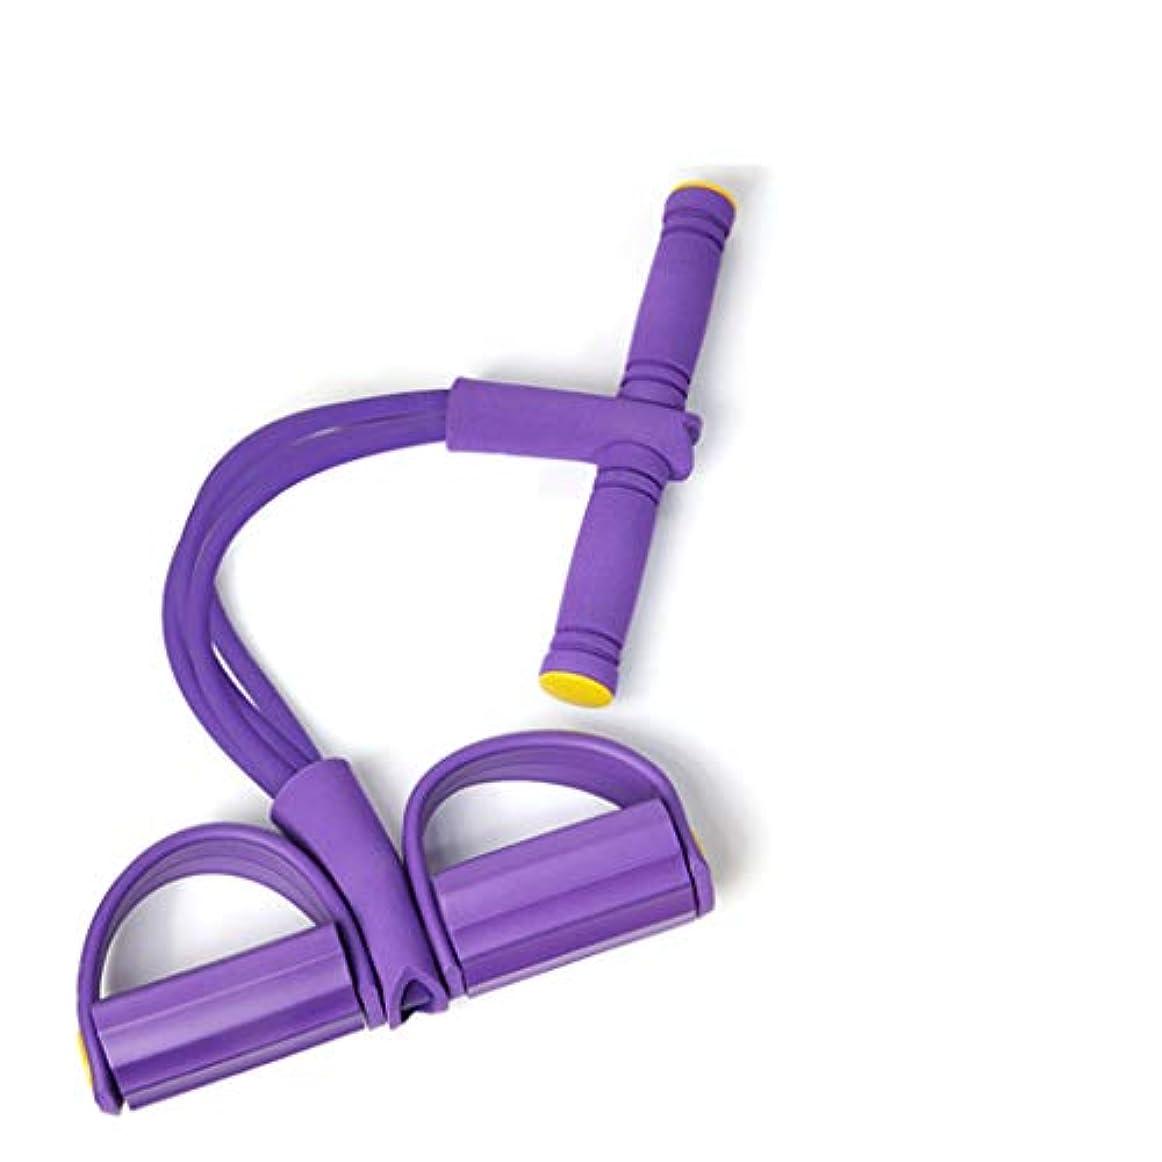 ゆるい放射能モール抵抗バンド装置シットアッププラー、減量ウエスト腹部ヨガトレーニング整形練習腕/脚/肩/腹部オフィスエクササイズ,Purple